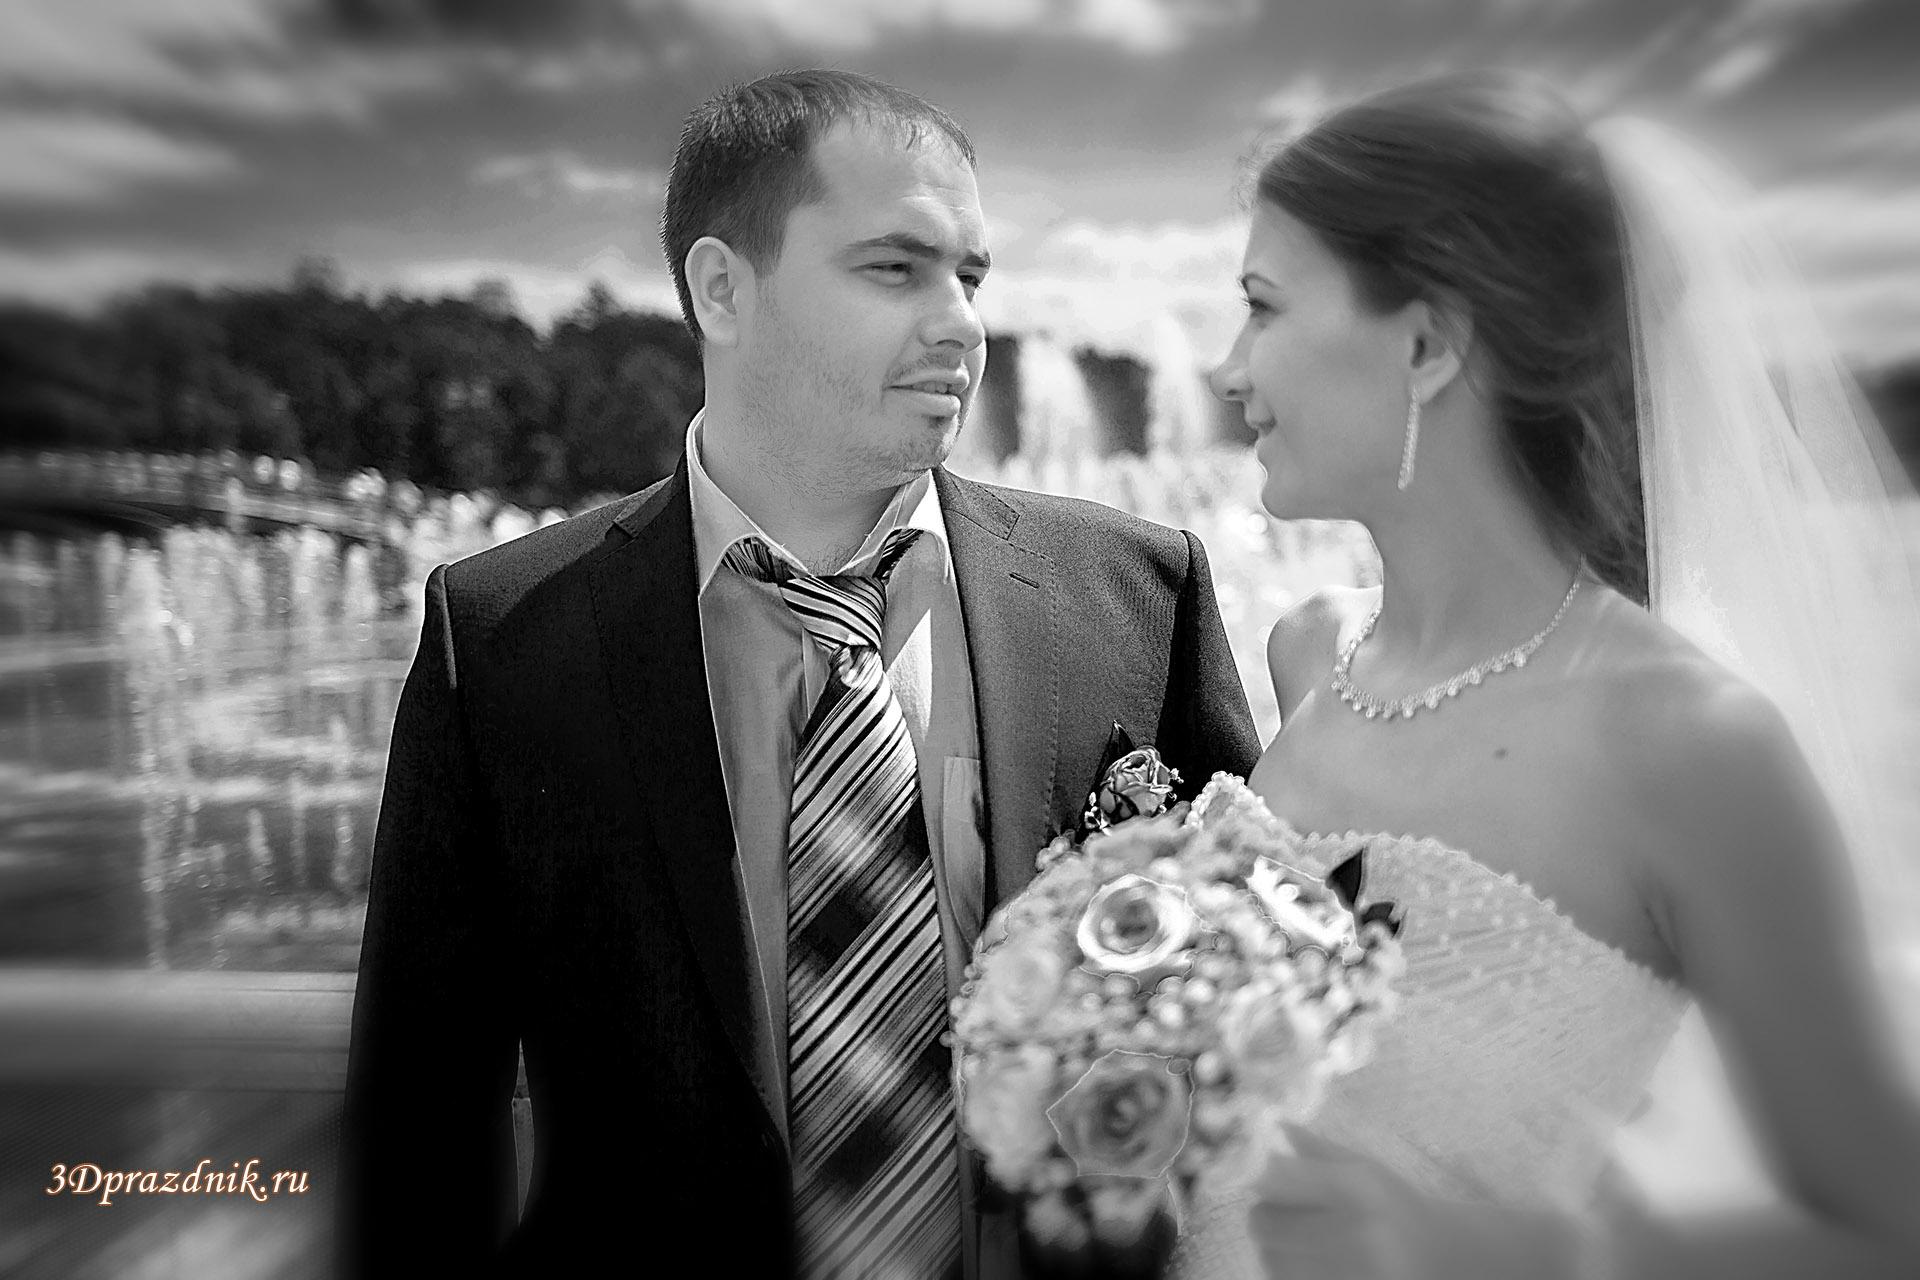 Сергей и Ольга. Фонтан Царицыно.